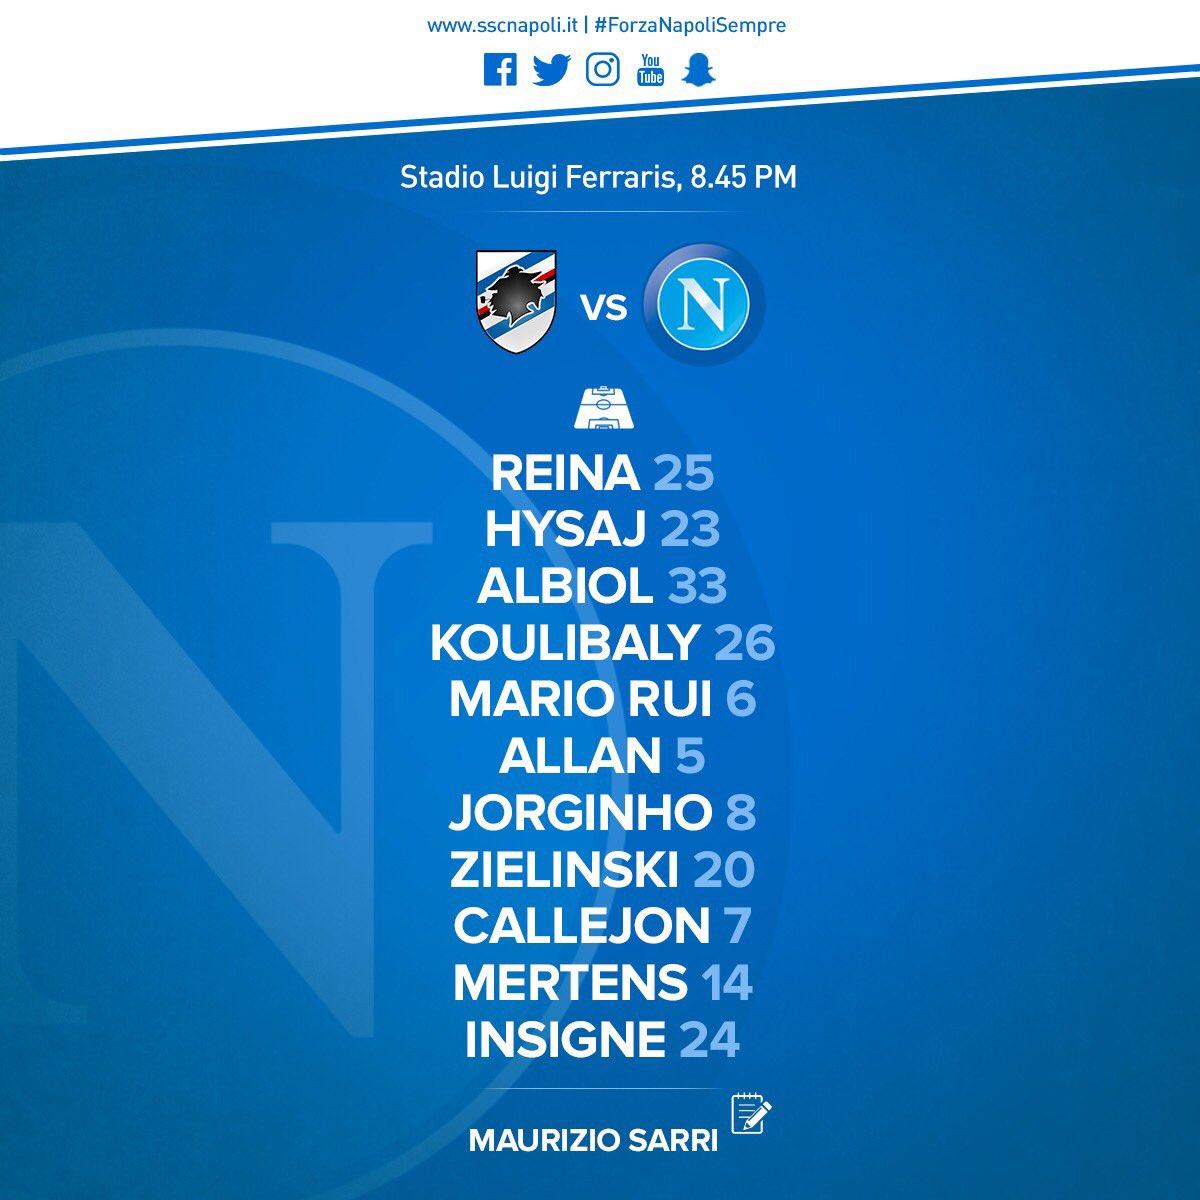 Sampdoria-Napoli, le formazioni ufficiali: Mertens e Zielinski titolari, Hamsik in panchina